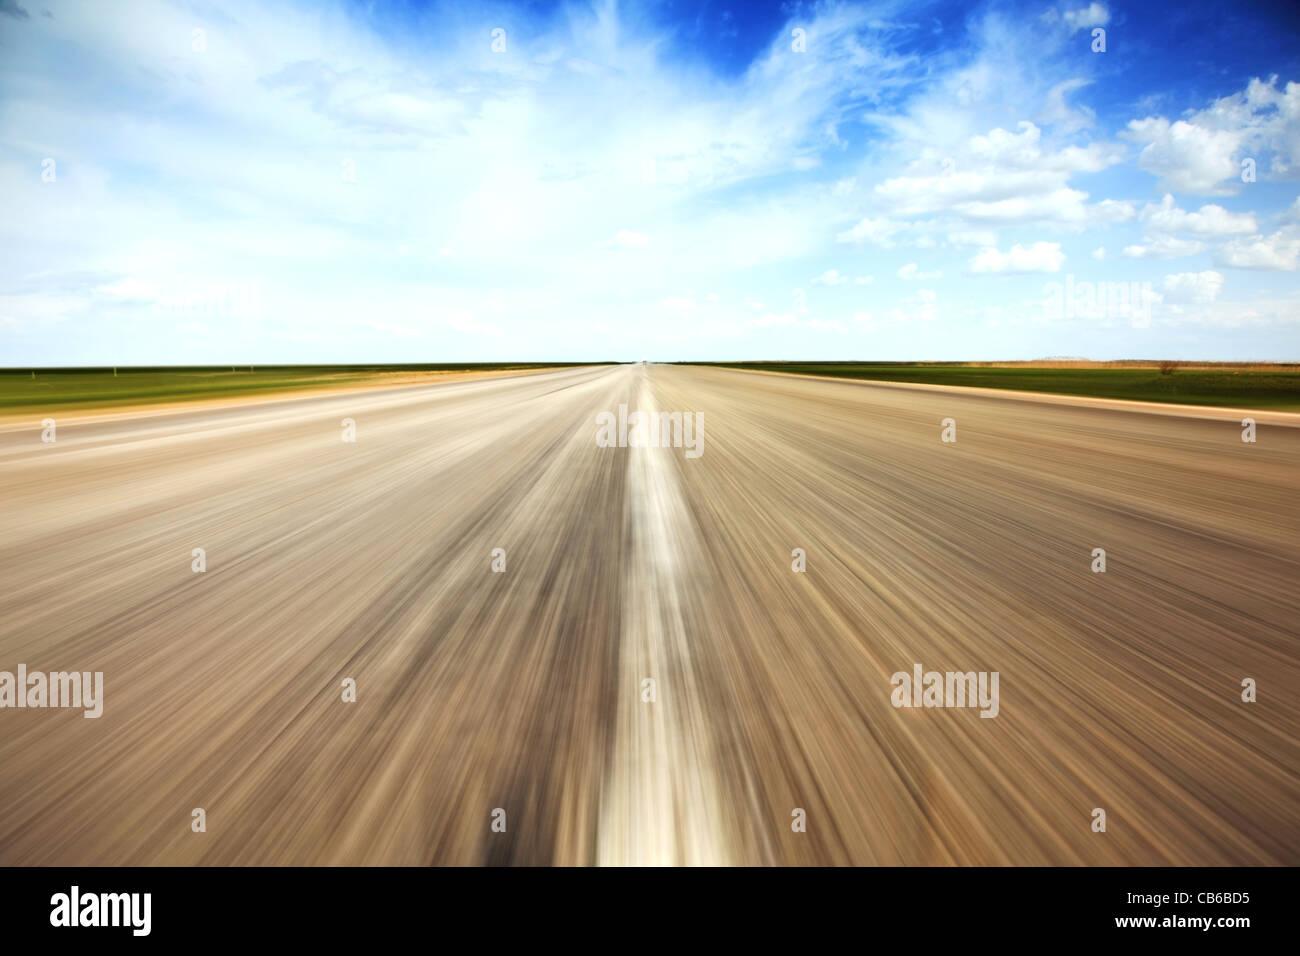 Speed-Konzept. Leere Landschaft alte Straße erstreckt sich in der Perspektive. Stockbild